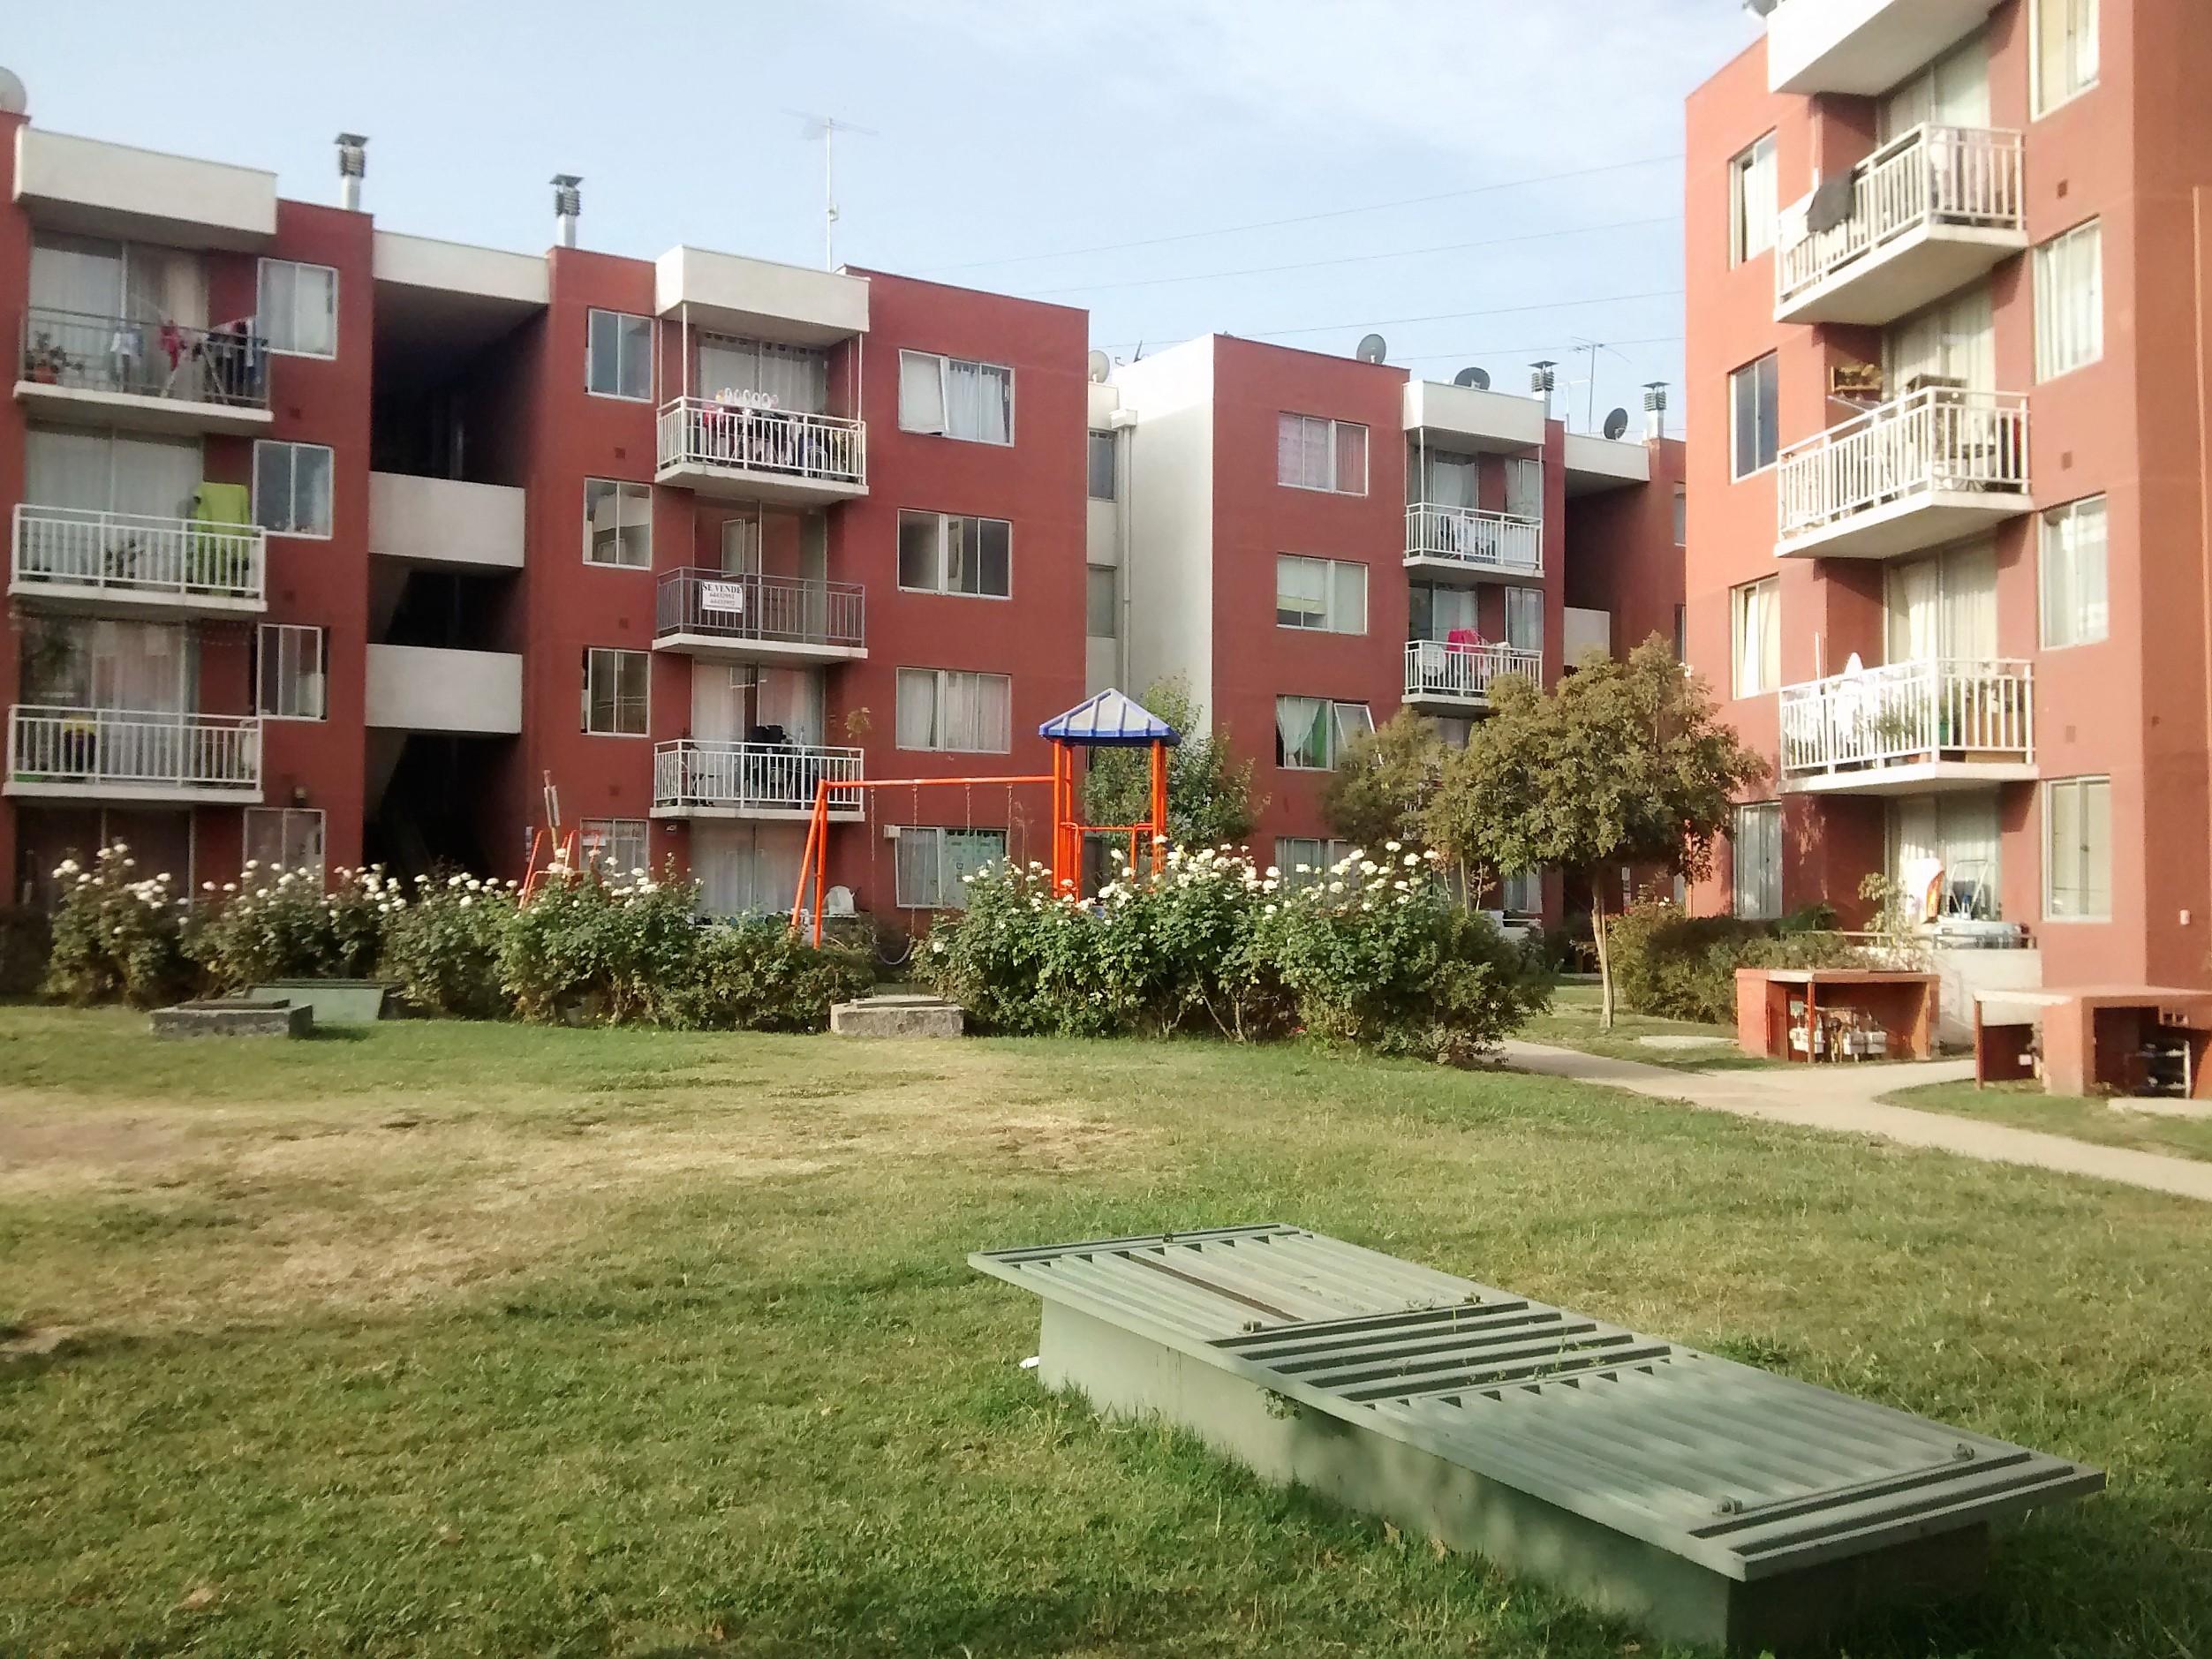 Venta Y Arriendo De Propiedades En Puente Alto El Mercurio  # Muebles Eyzaguirre Puente Alto